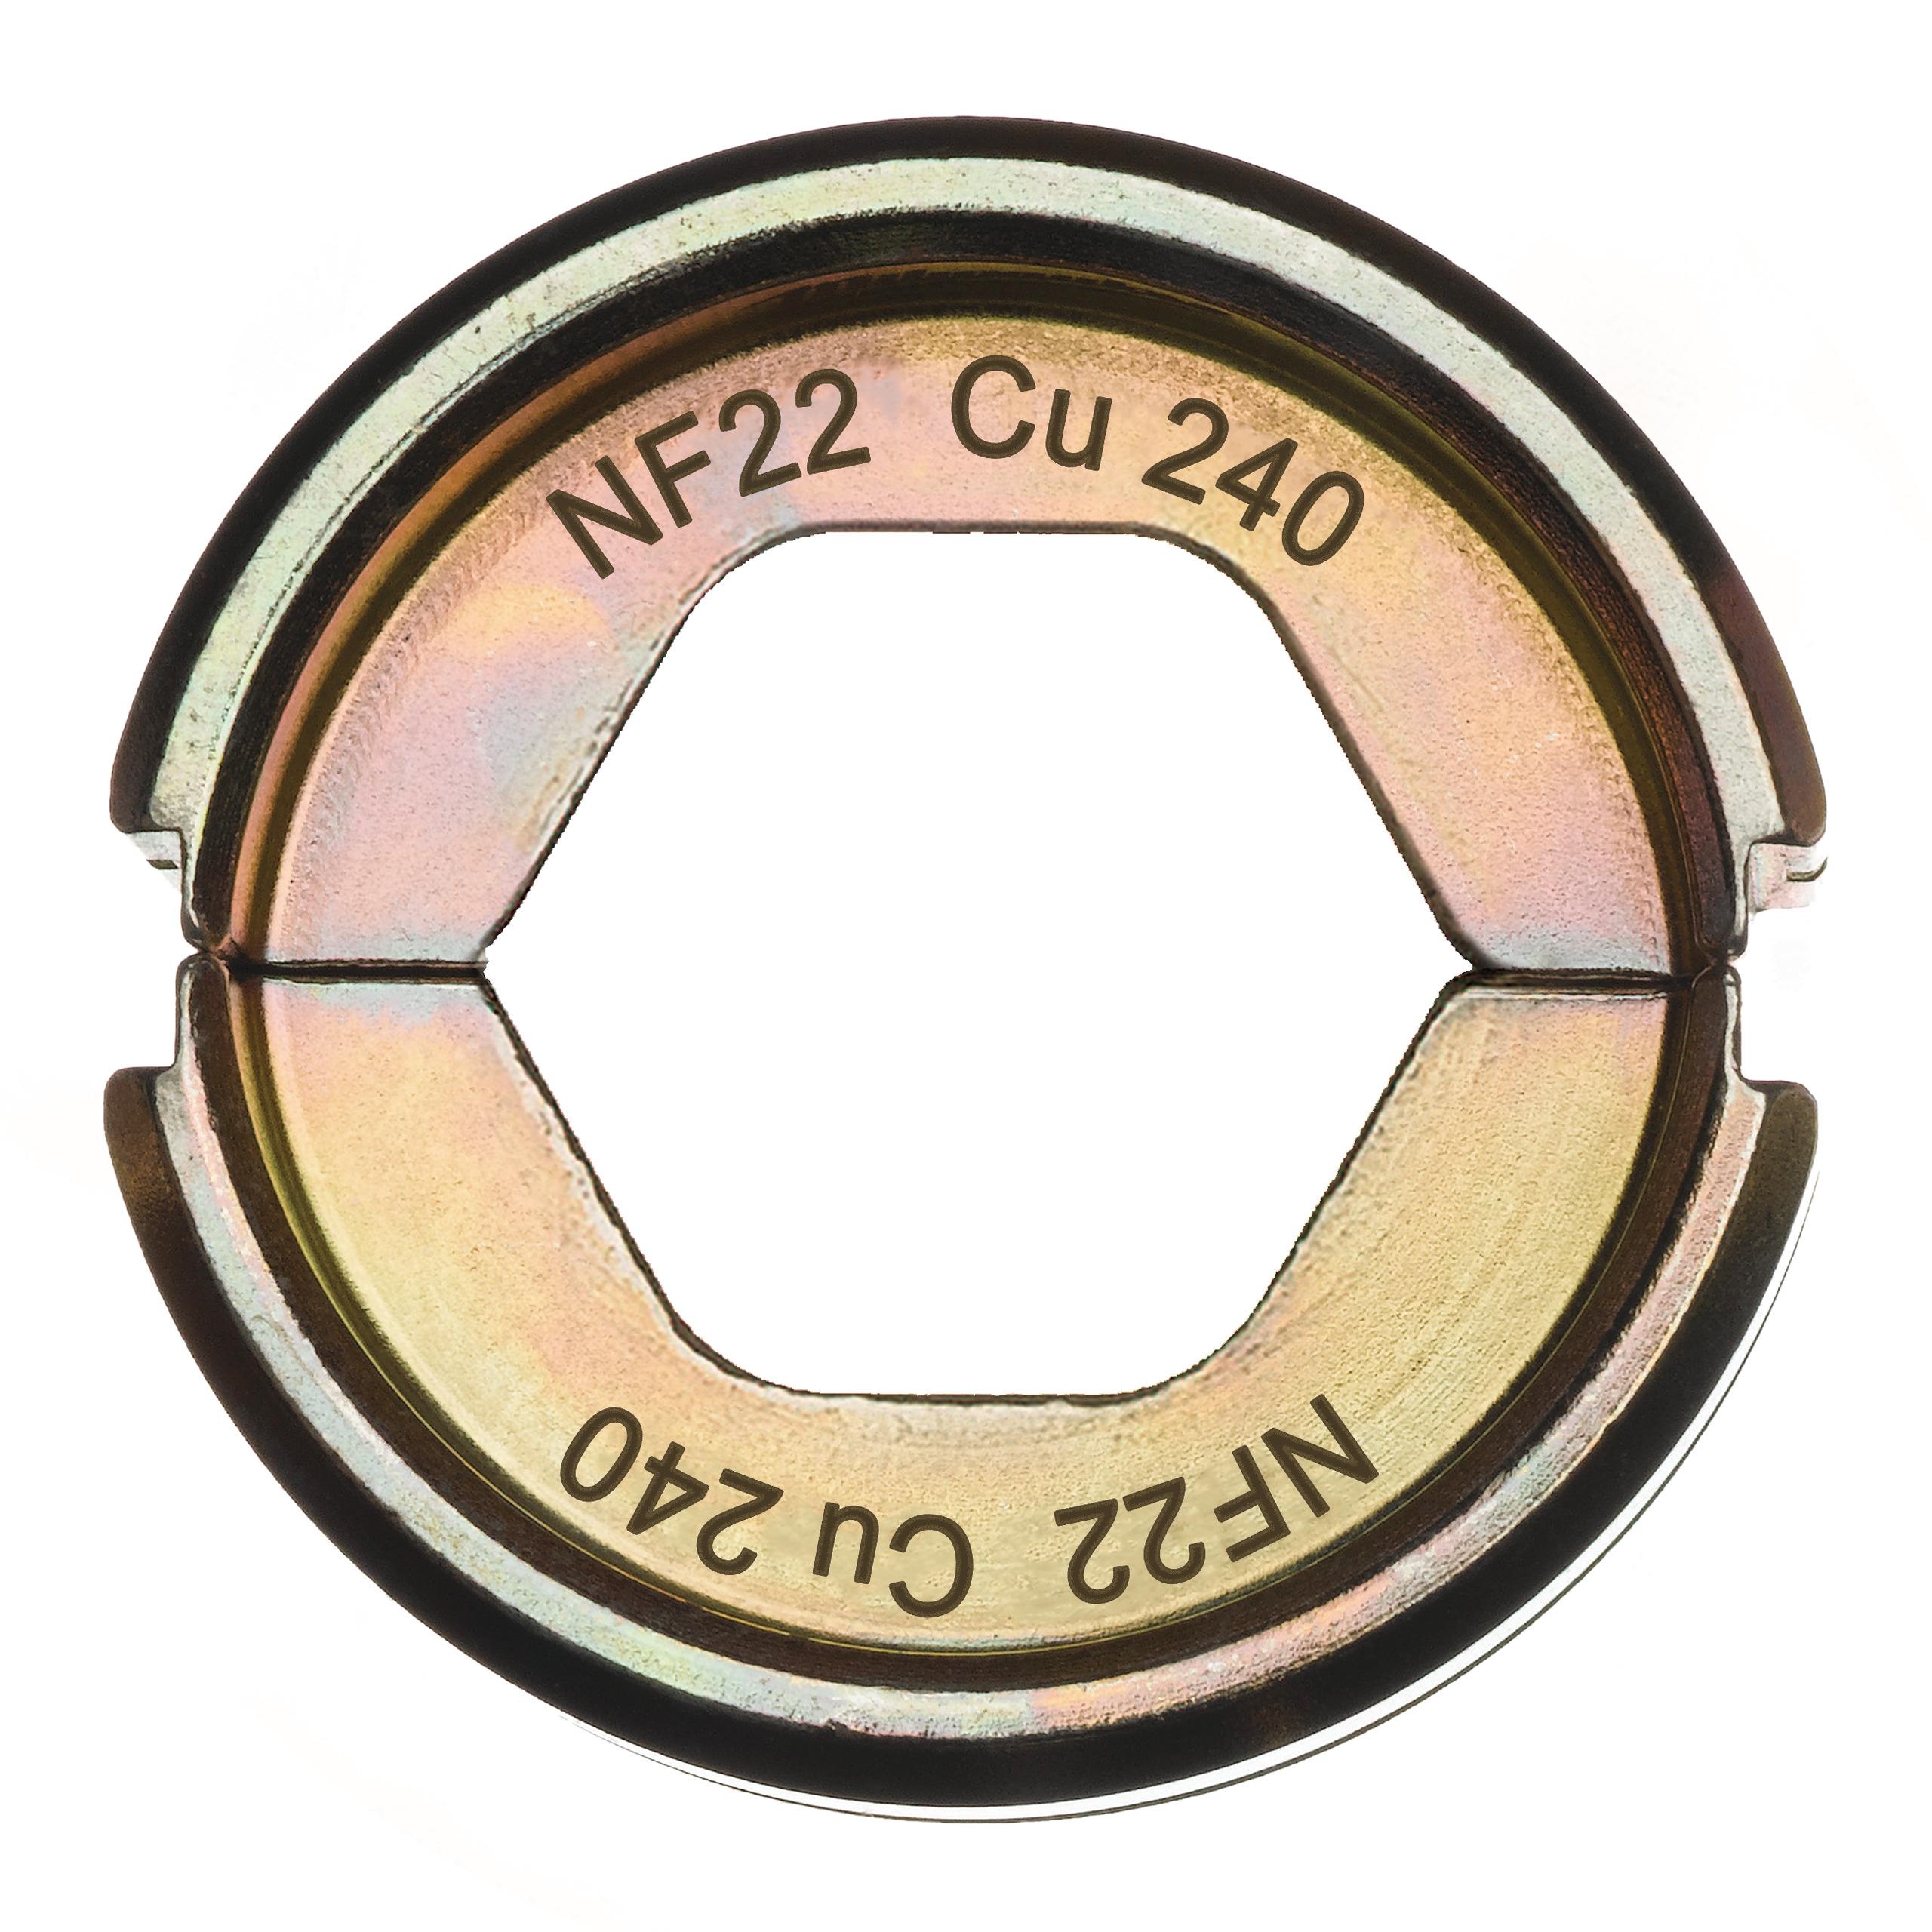 Krimpovací čelisti  NF22 Cu 240